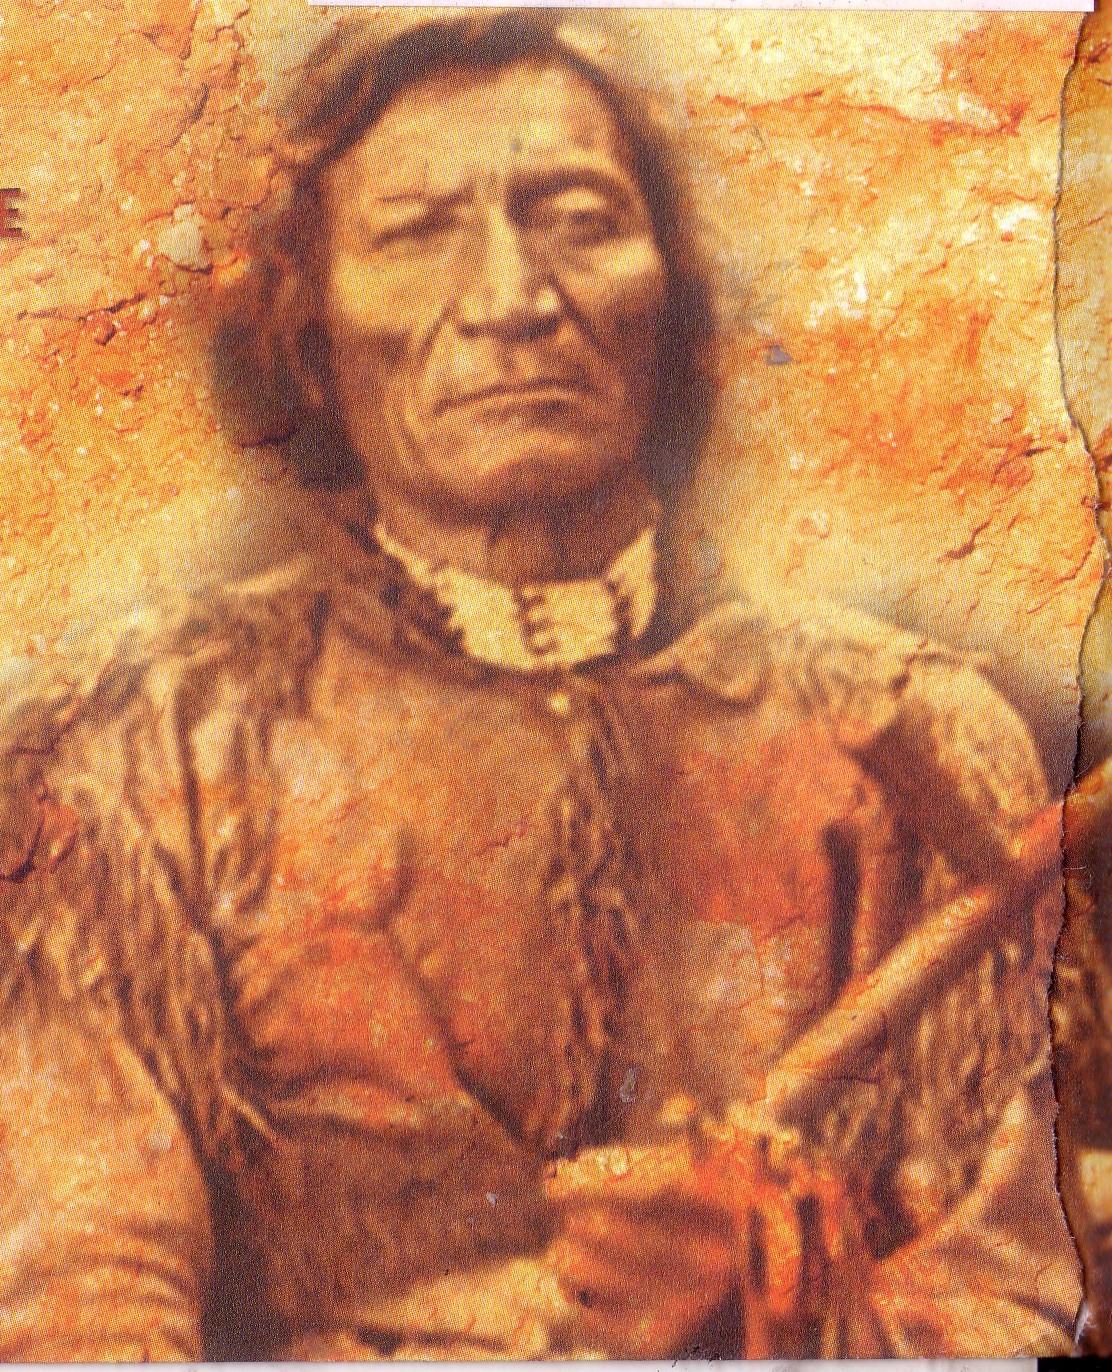 La mas poderosa arma de los indios Cheyenne en USA | CARLOS Tigre ...